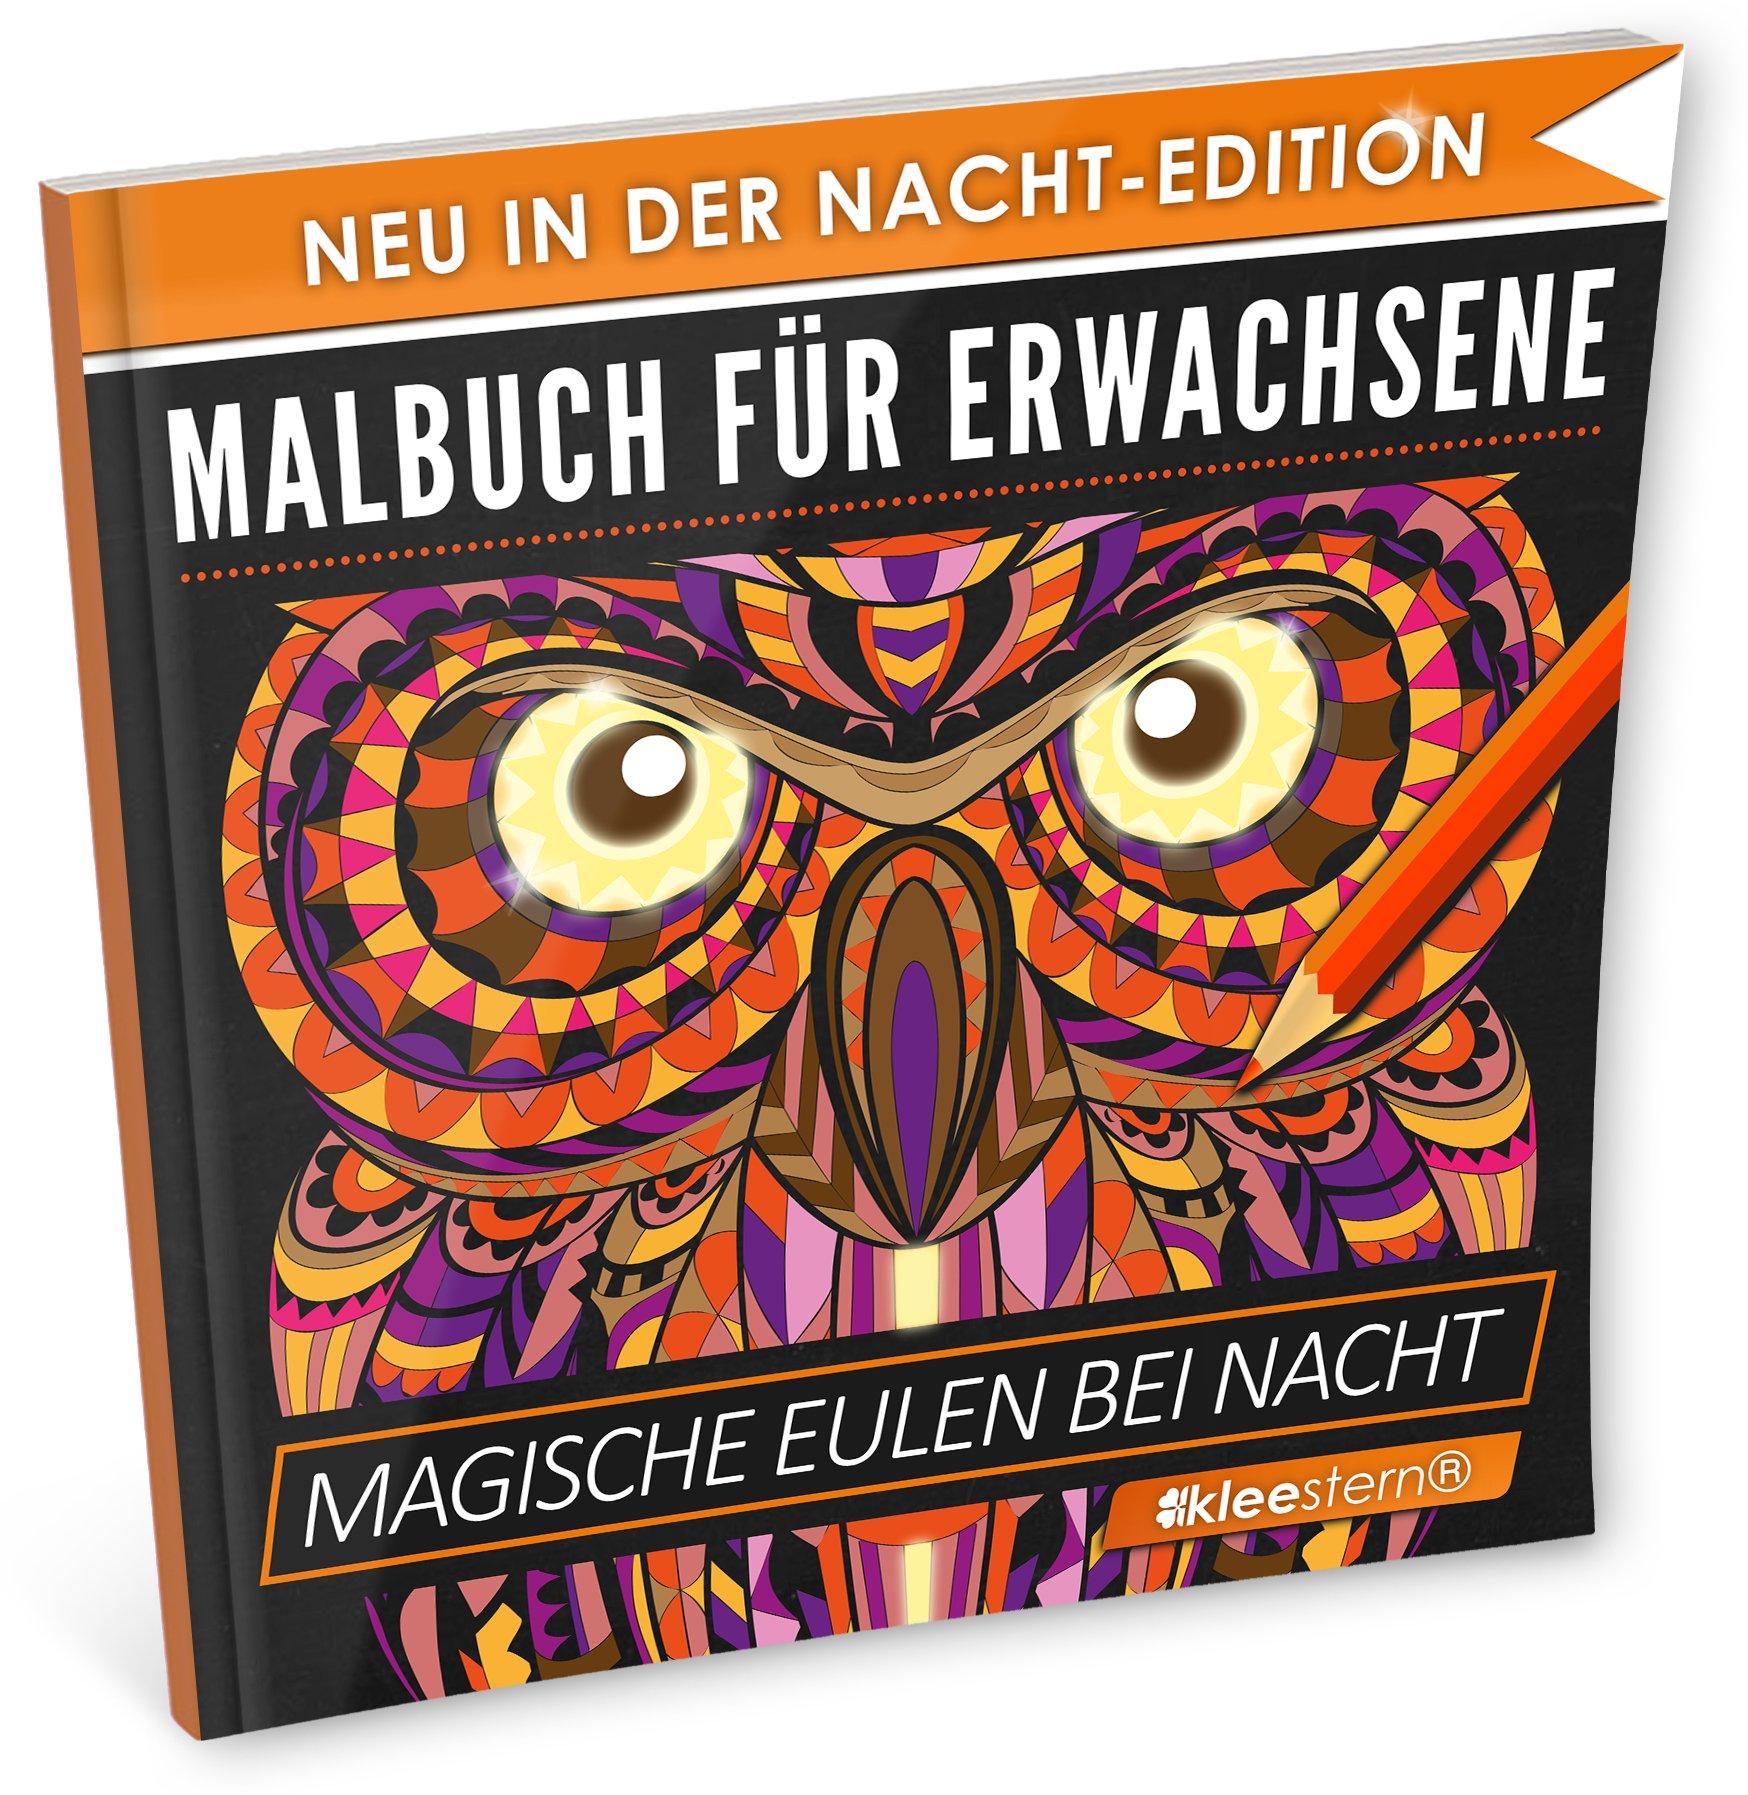 Malbuch für Erwachsene: Magische Eulen NACHT EDITION - Stressabbau ...